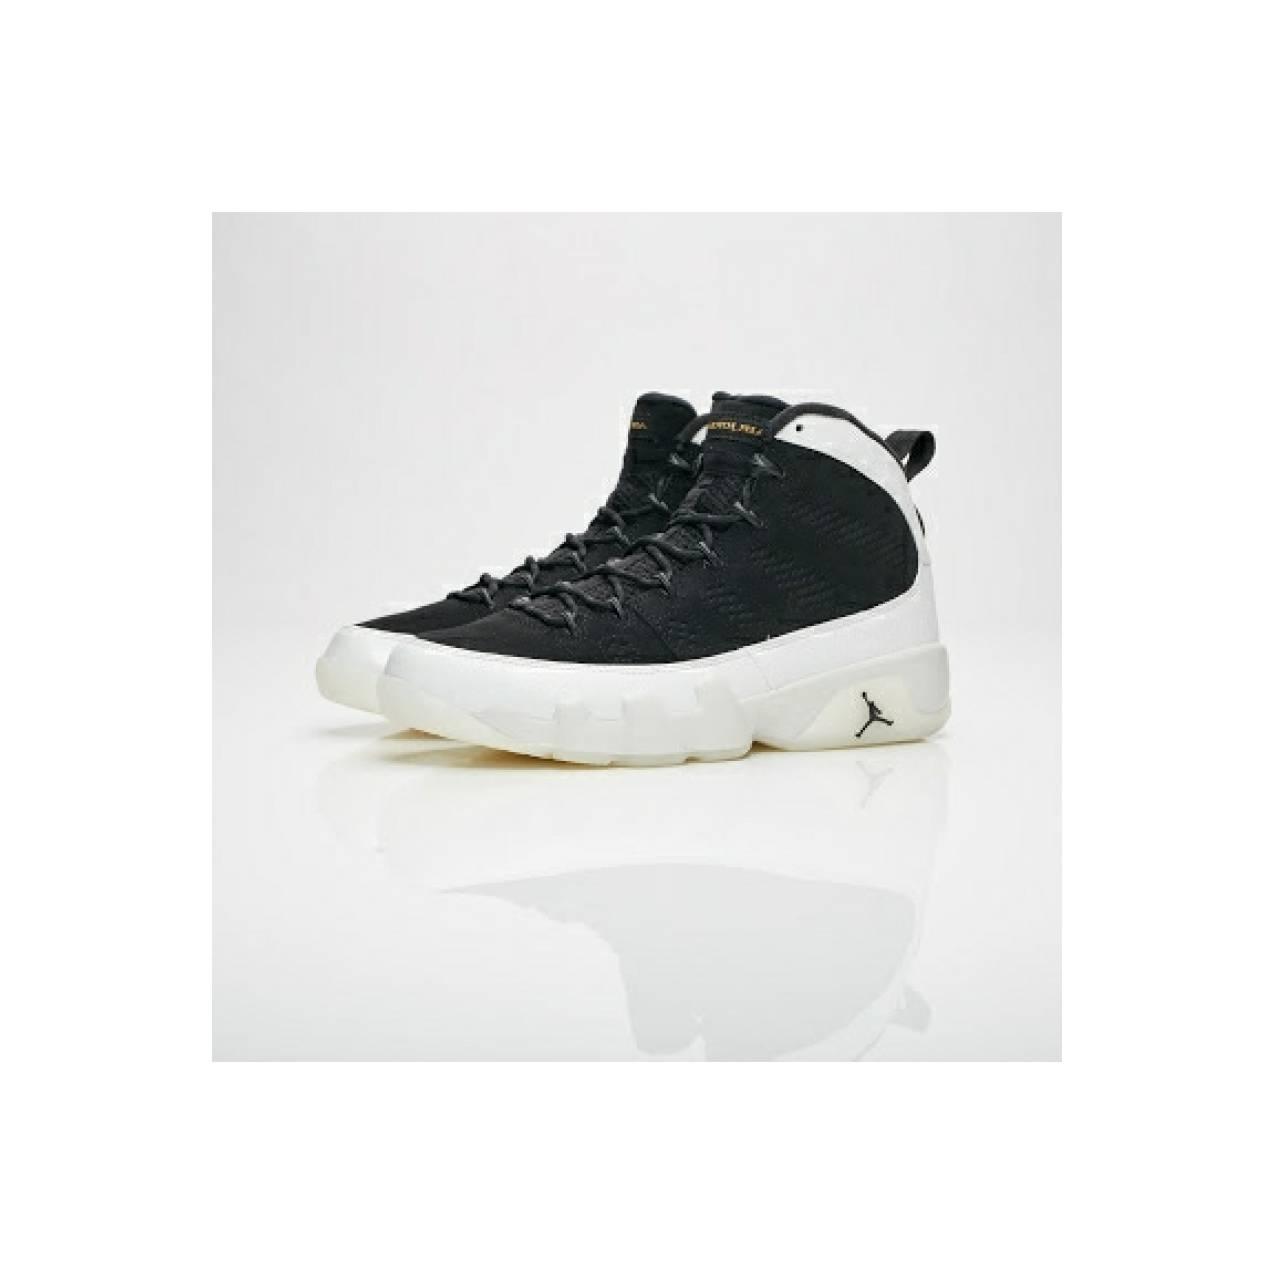 Beli Sepatu Nike Jordan Original Basket 9 Retro 2018 302370 021 Murah